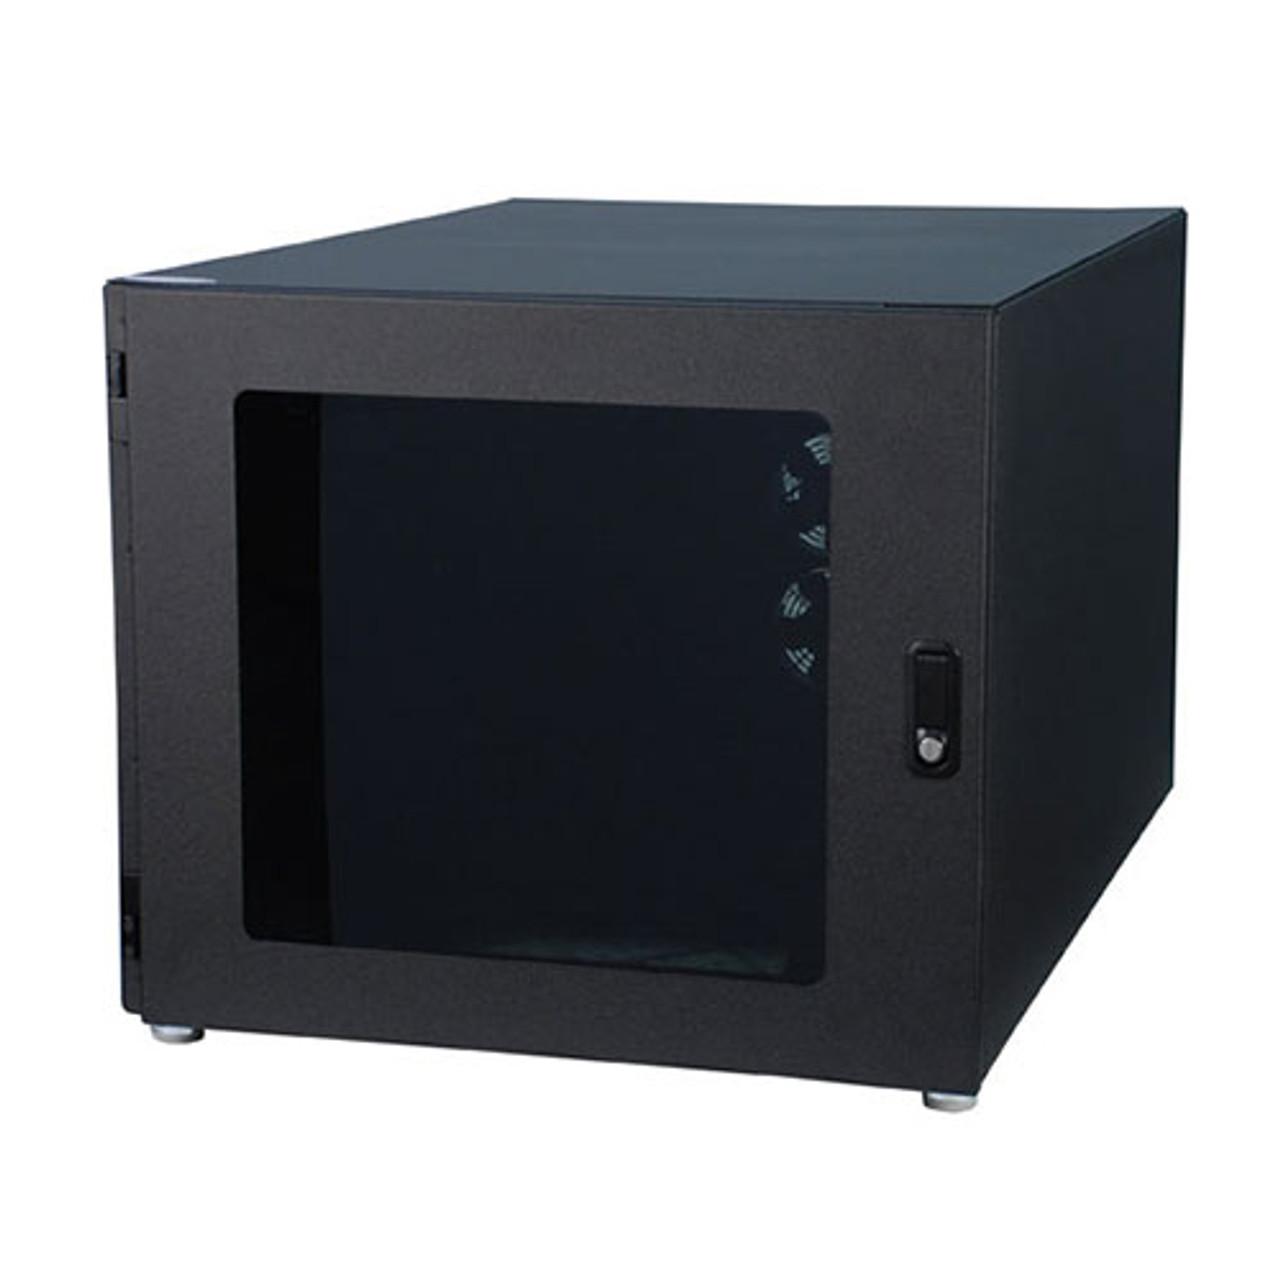 12u AcoustiQuiet Desktop Rack